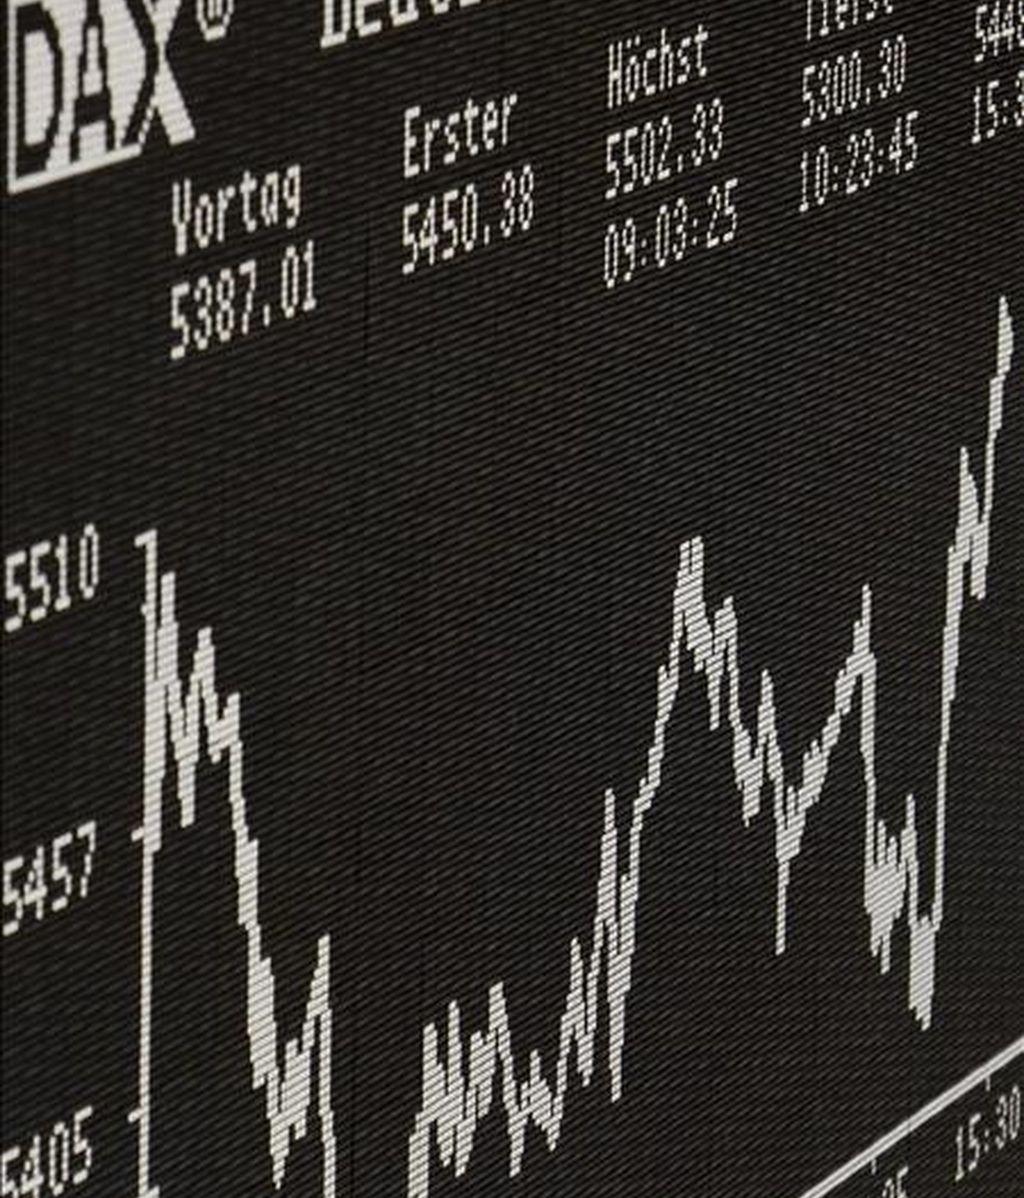 Un gráfico muestra la evolución del índice selectivo DAX 30 de la Bolsa de Fráncfort. EFE/Archivo